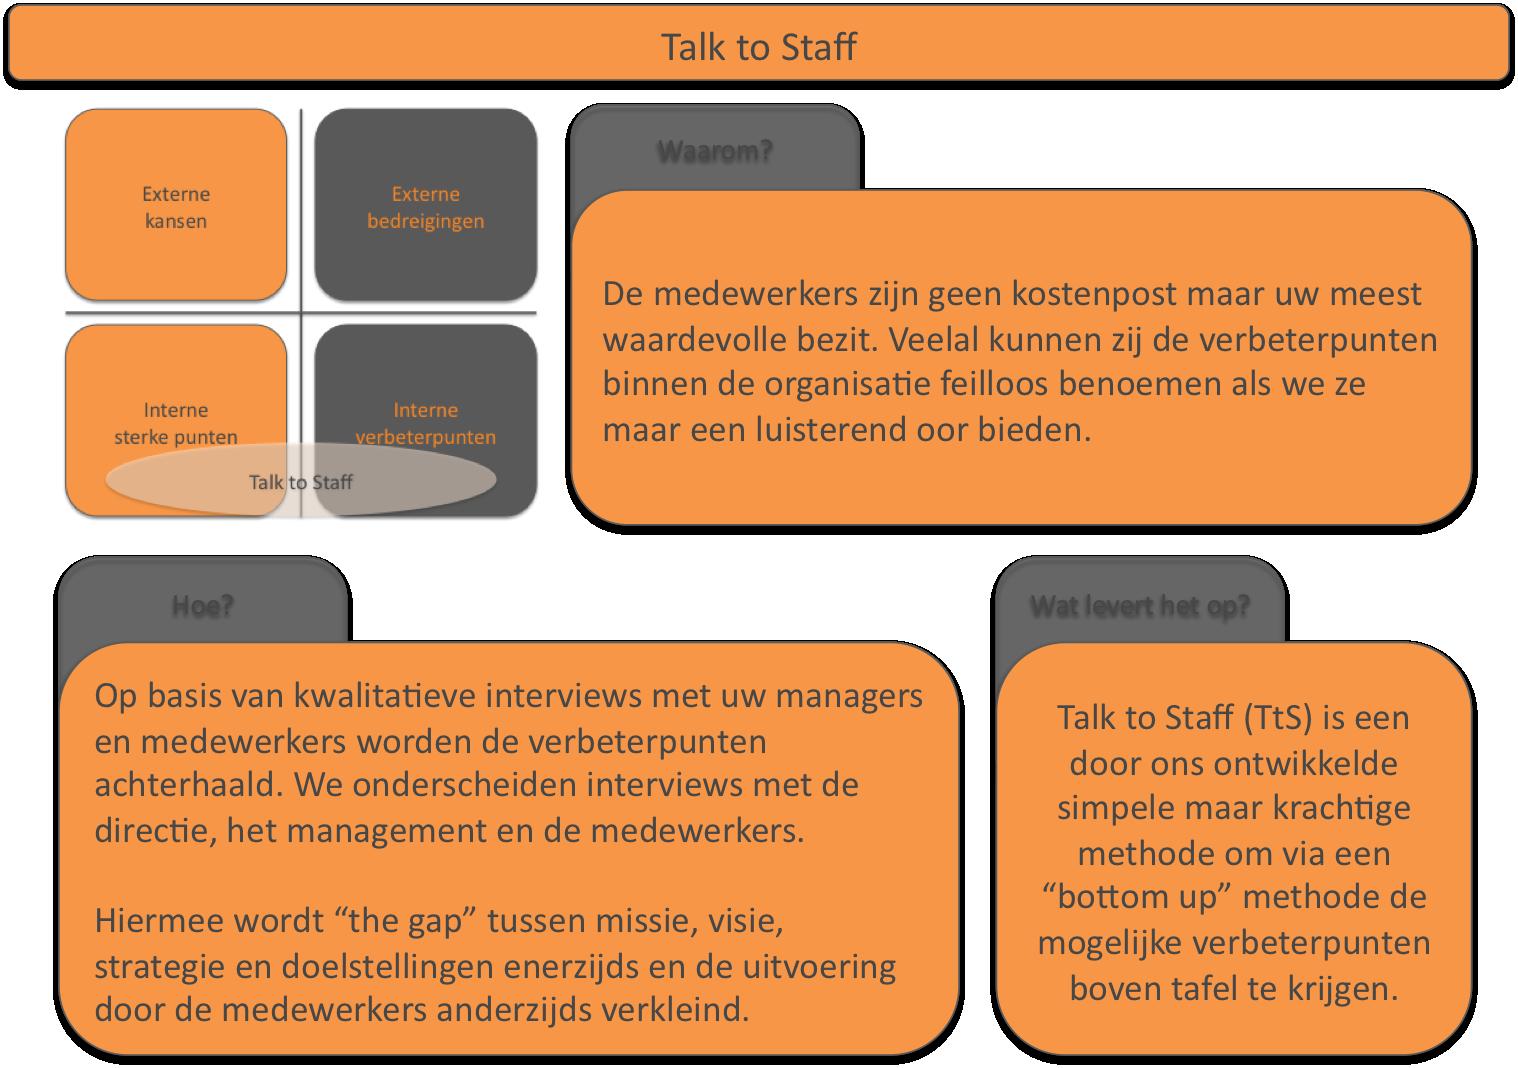 Talk to Staff